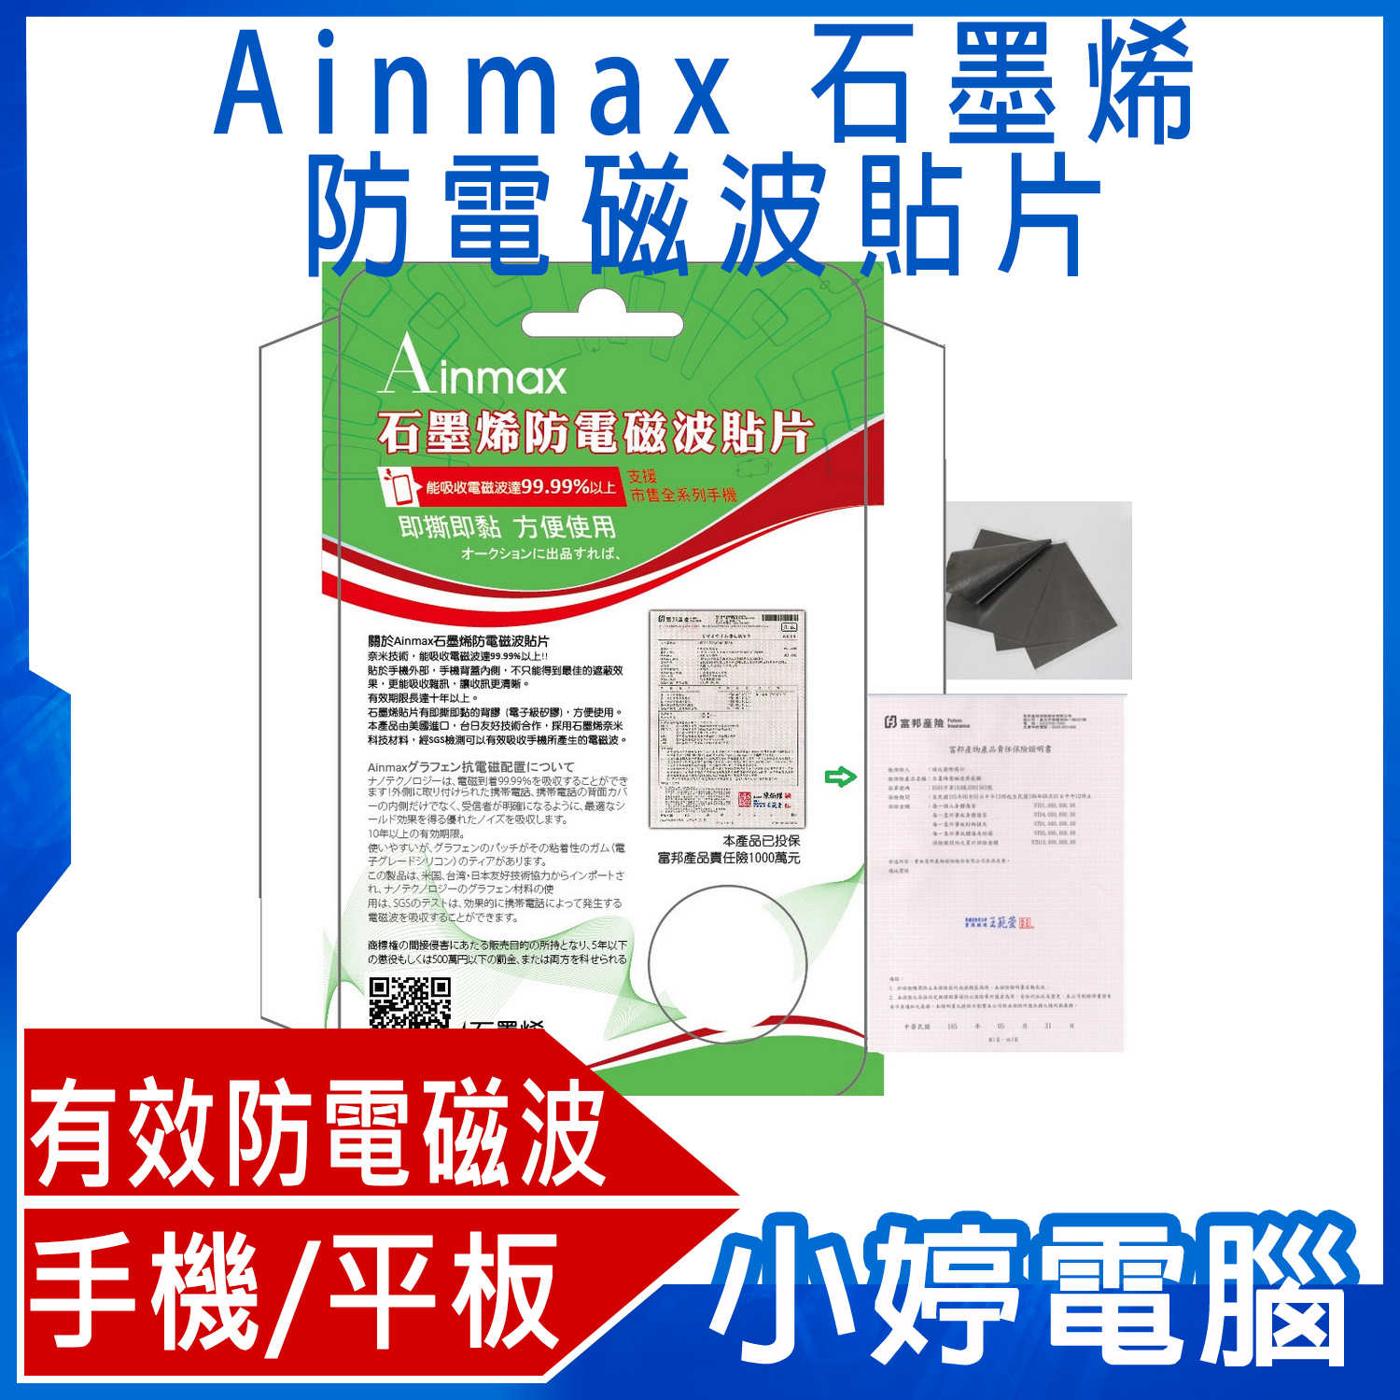 【免運 24期零利率】全新 Ainmax 石墨烯防電磁波貼片 有效吸收電磁波達99.99% 手機/平板/3C產品